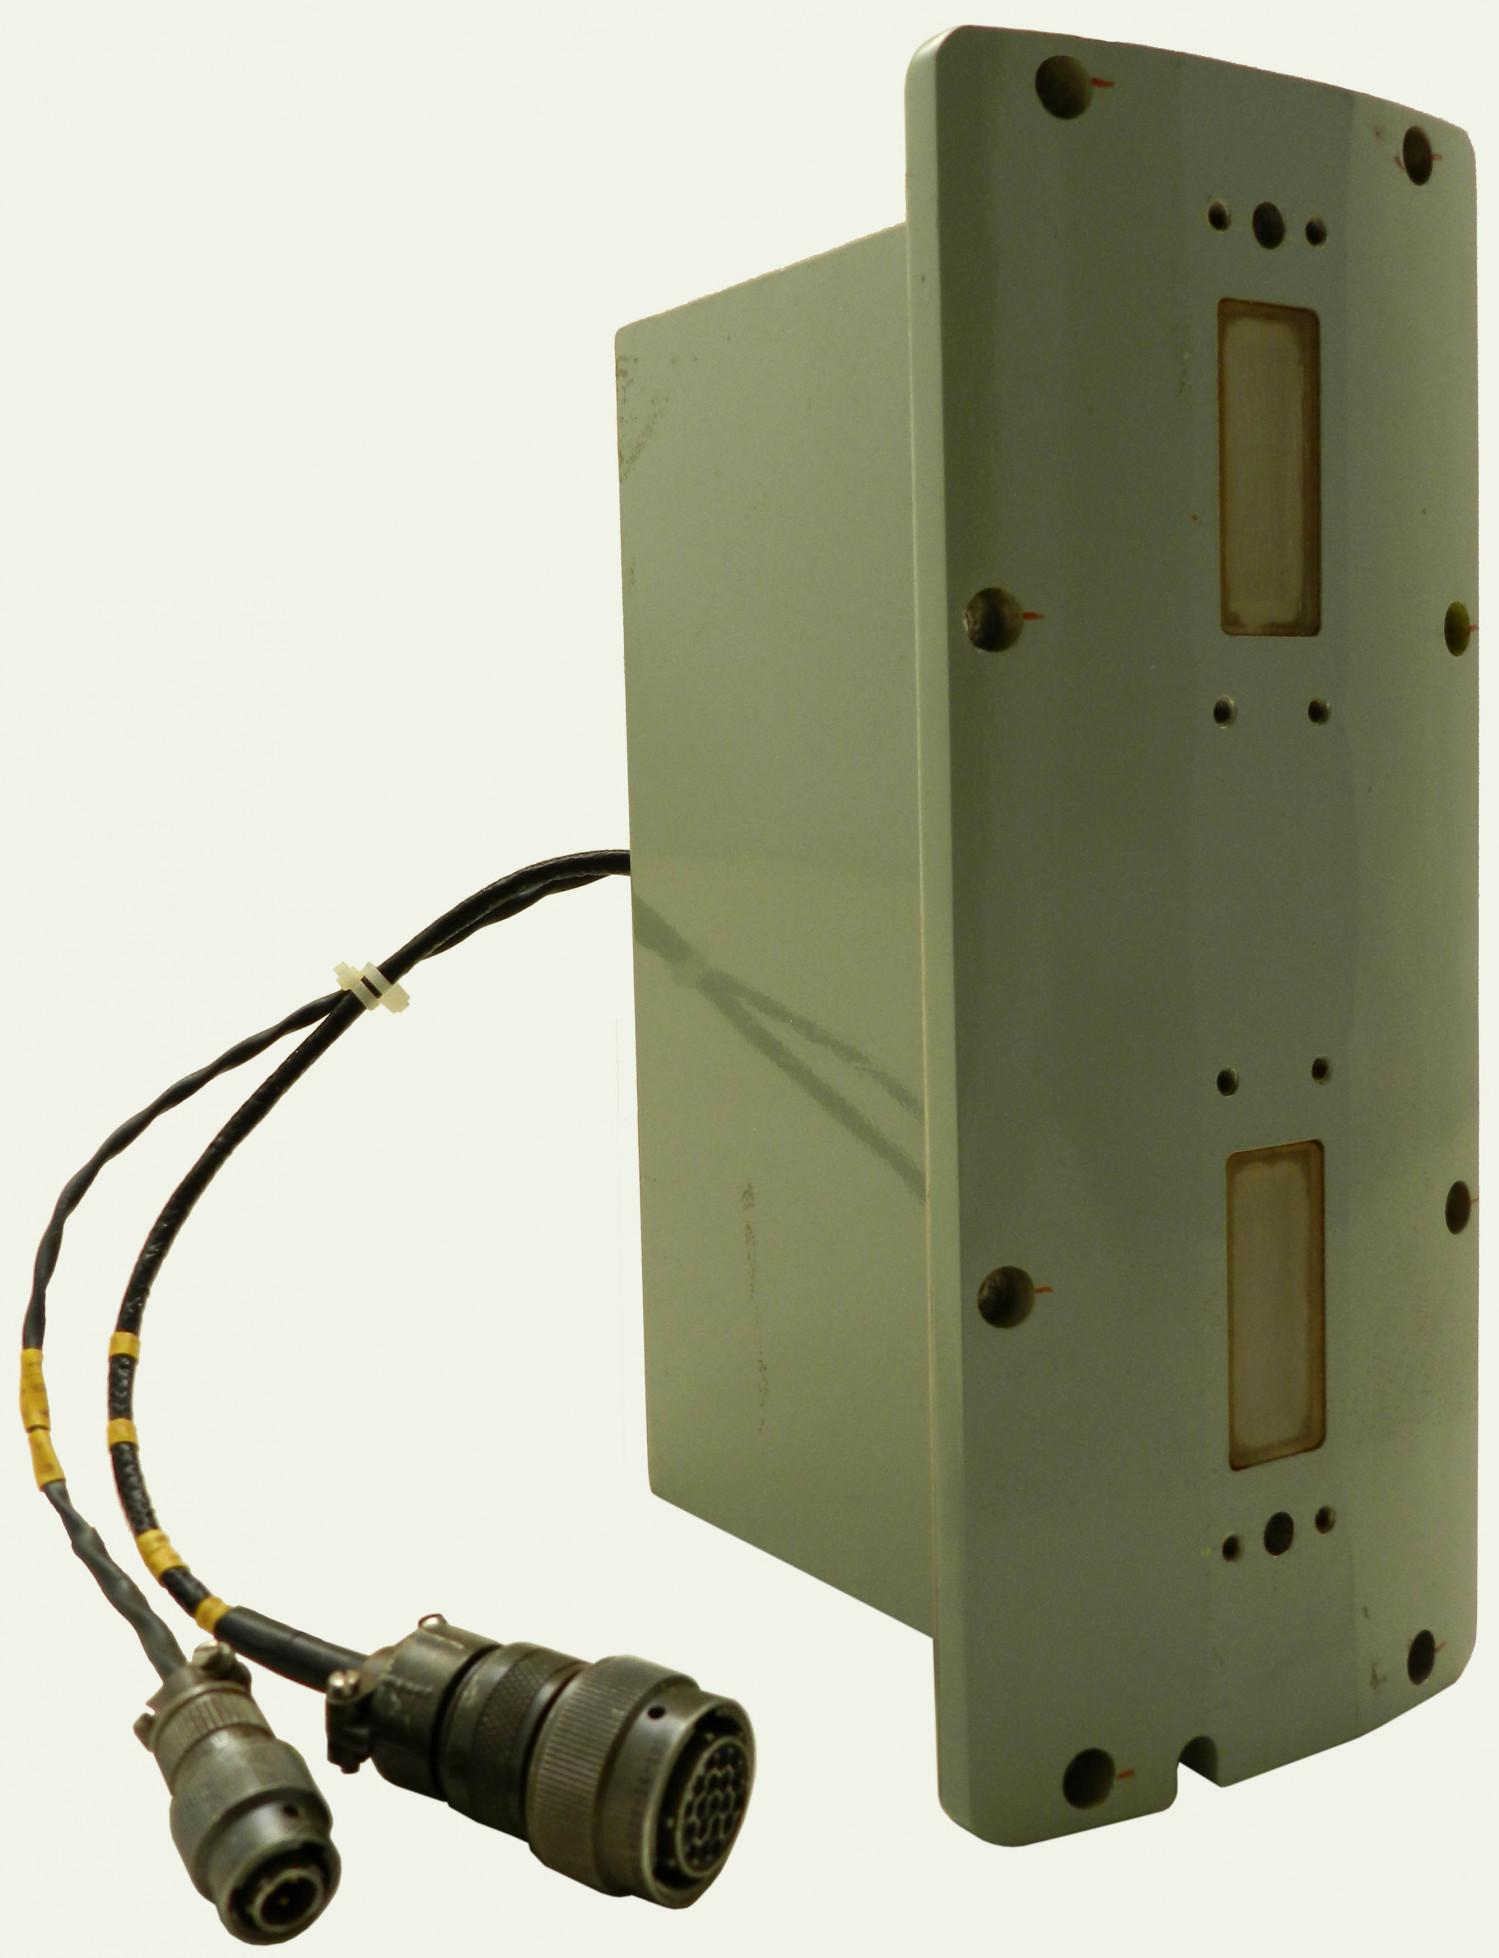 Radar Altimeter Aerial Unit